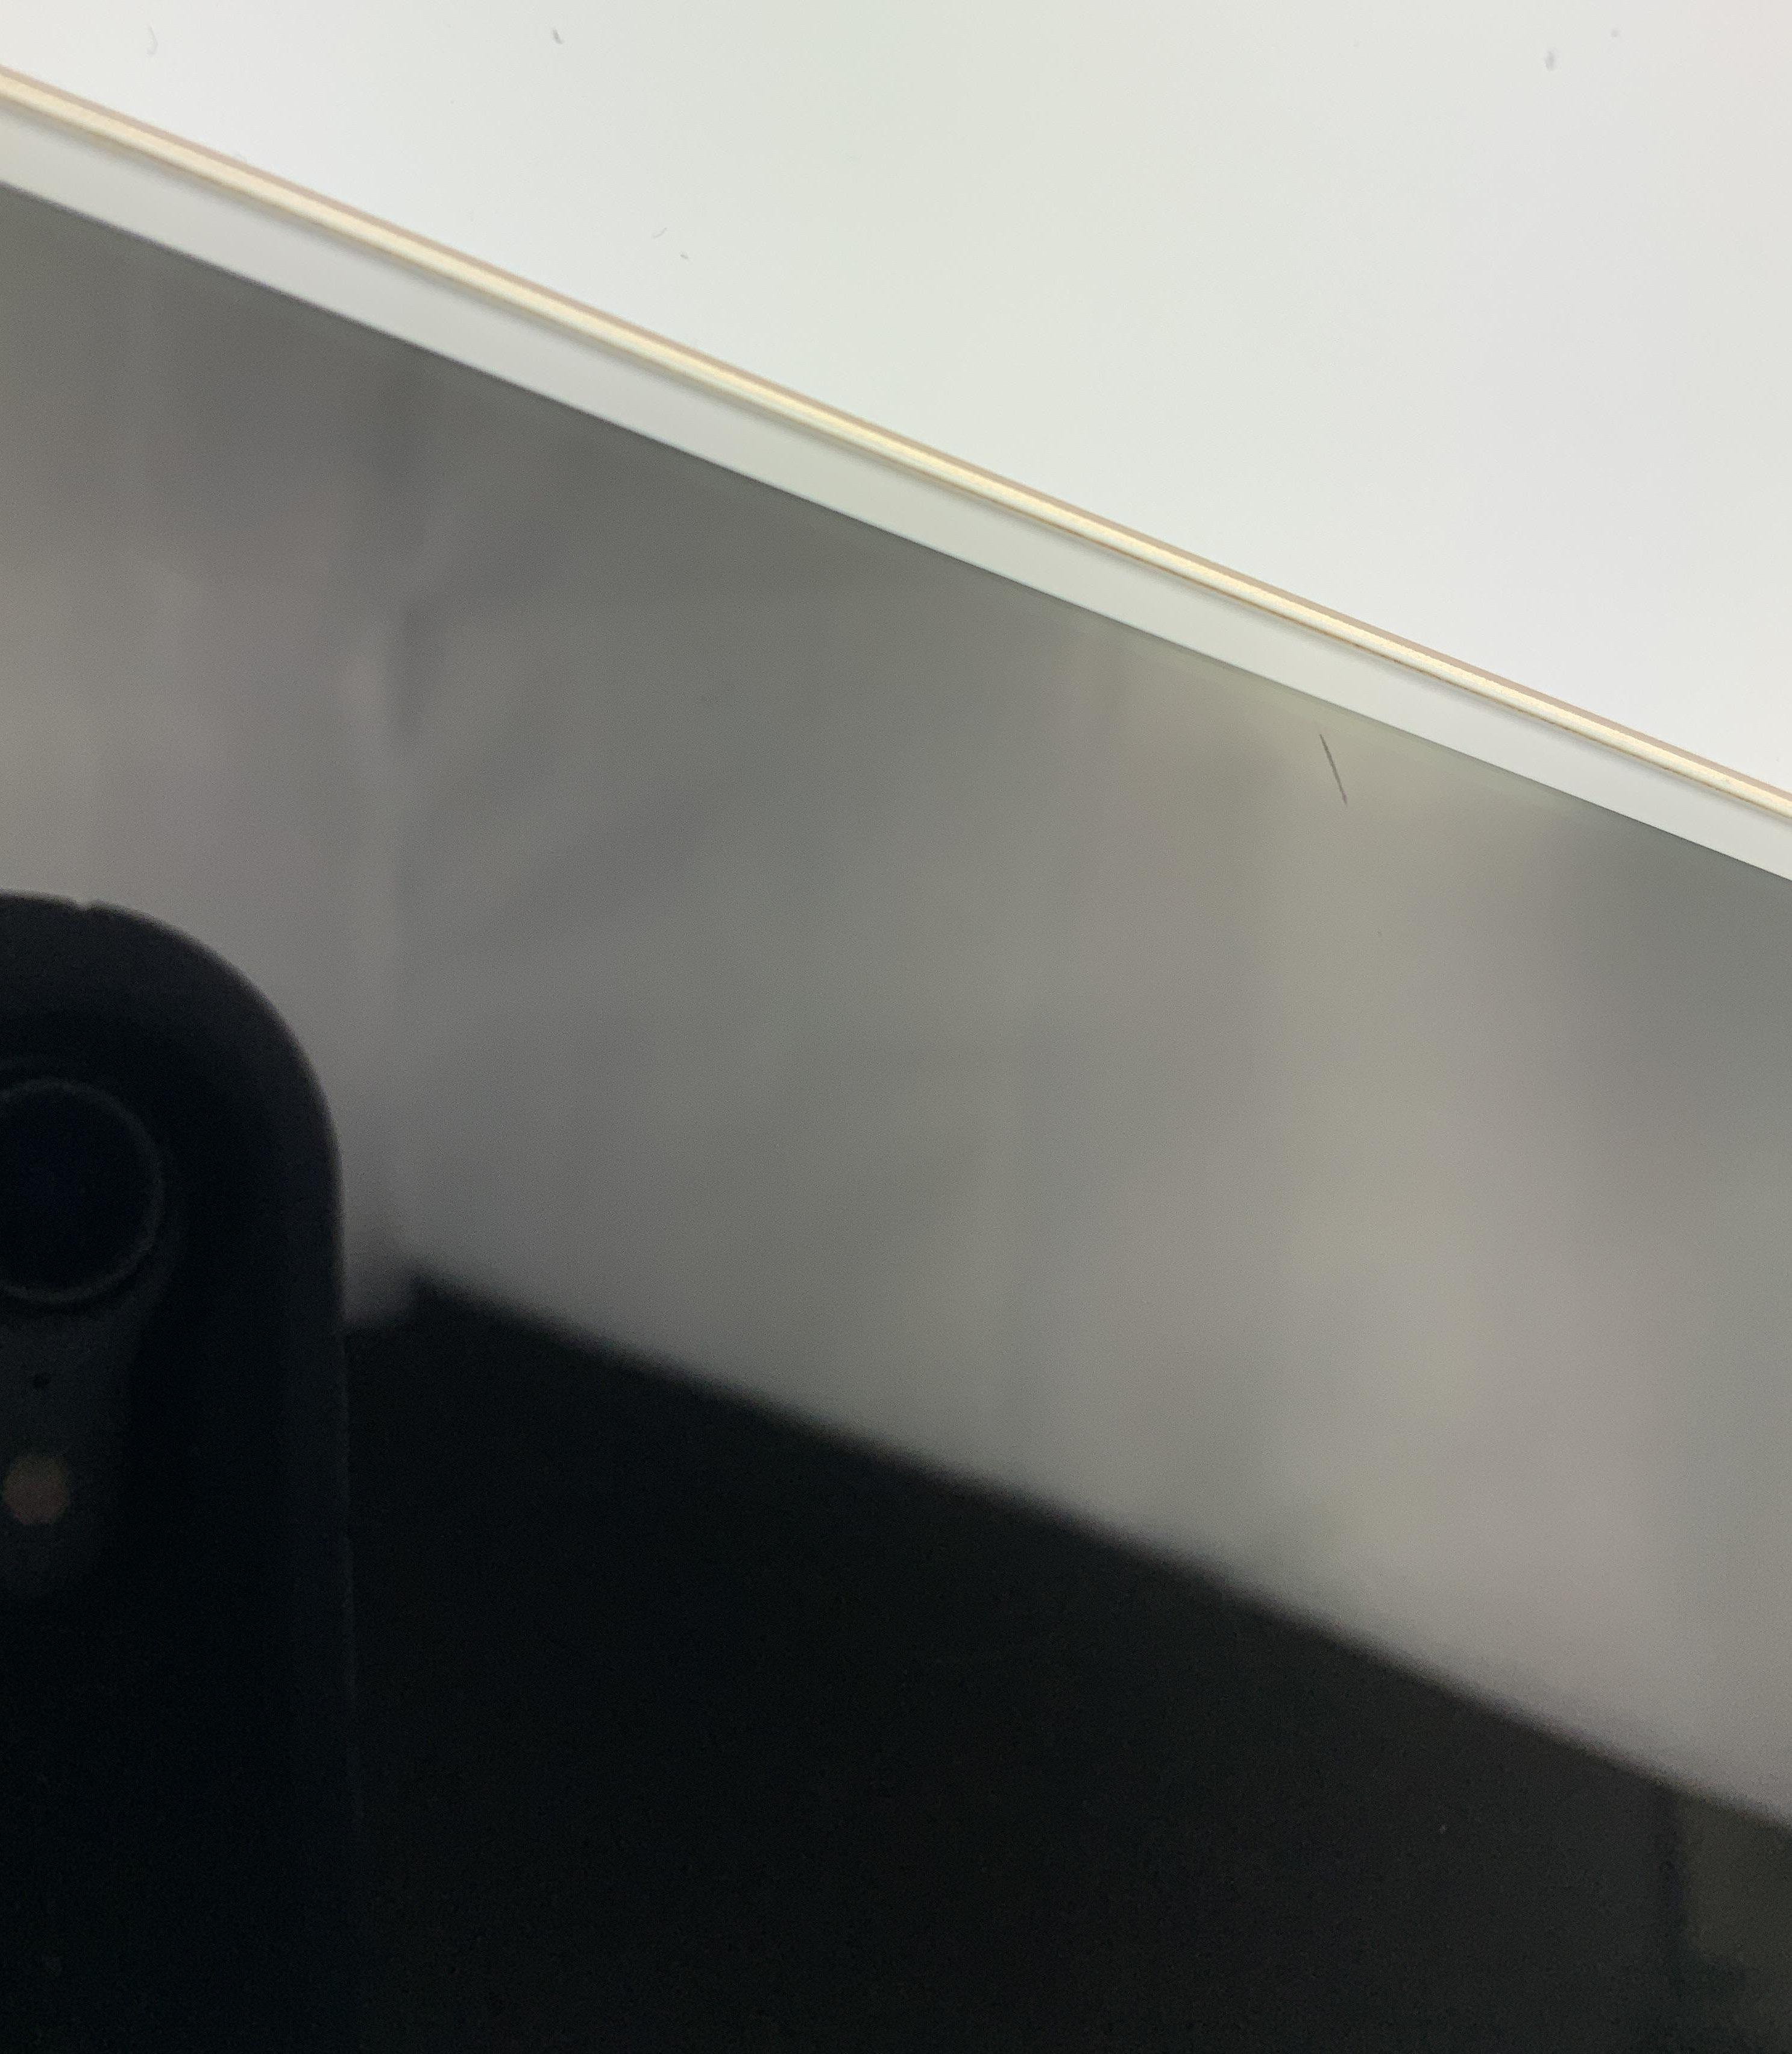 iPhone SE 32GB, 32GB, Gold, bild 3